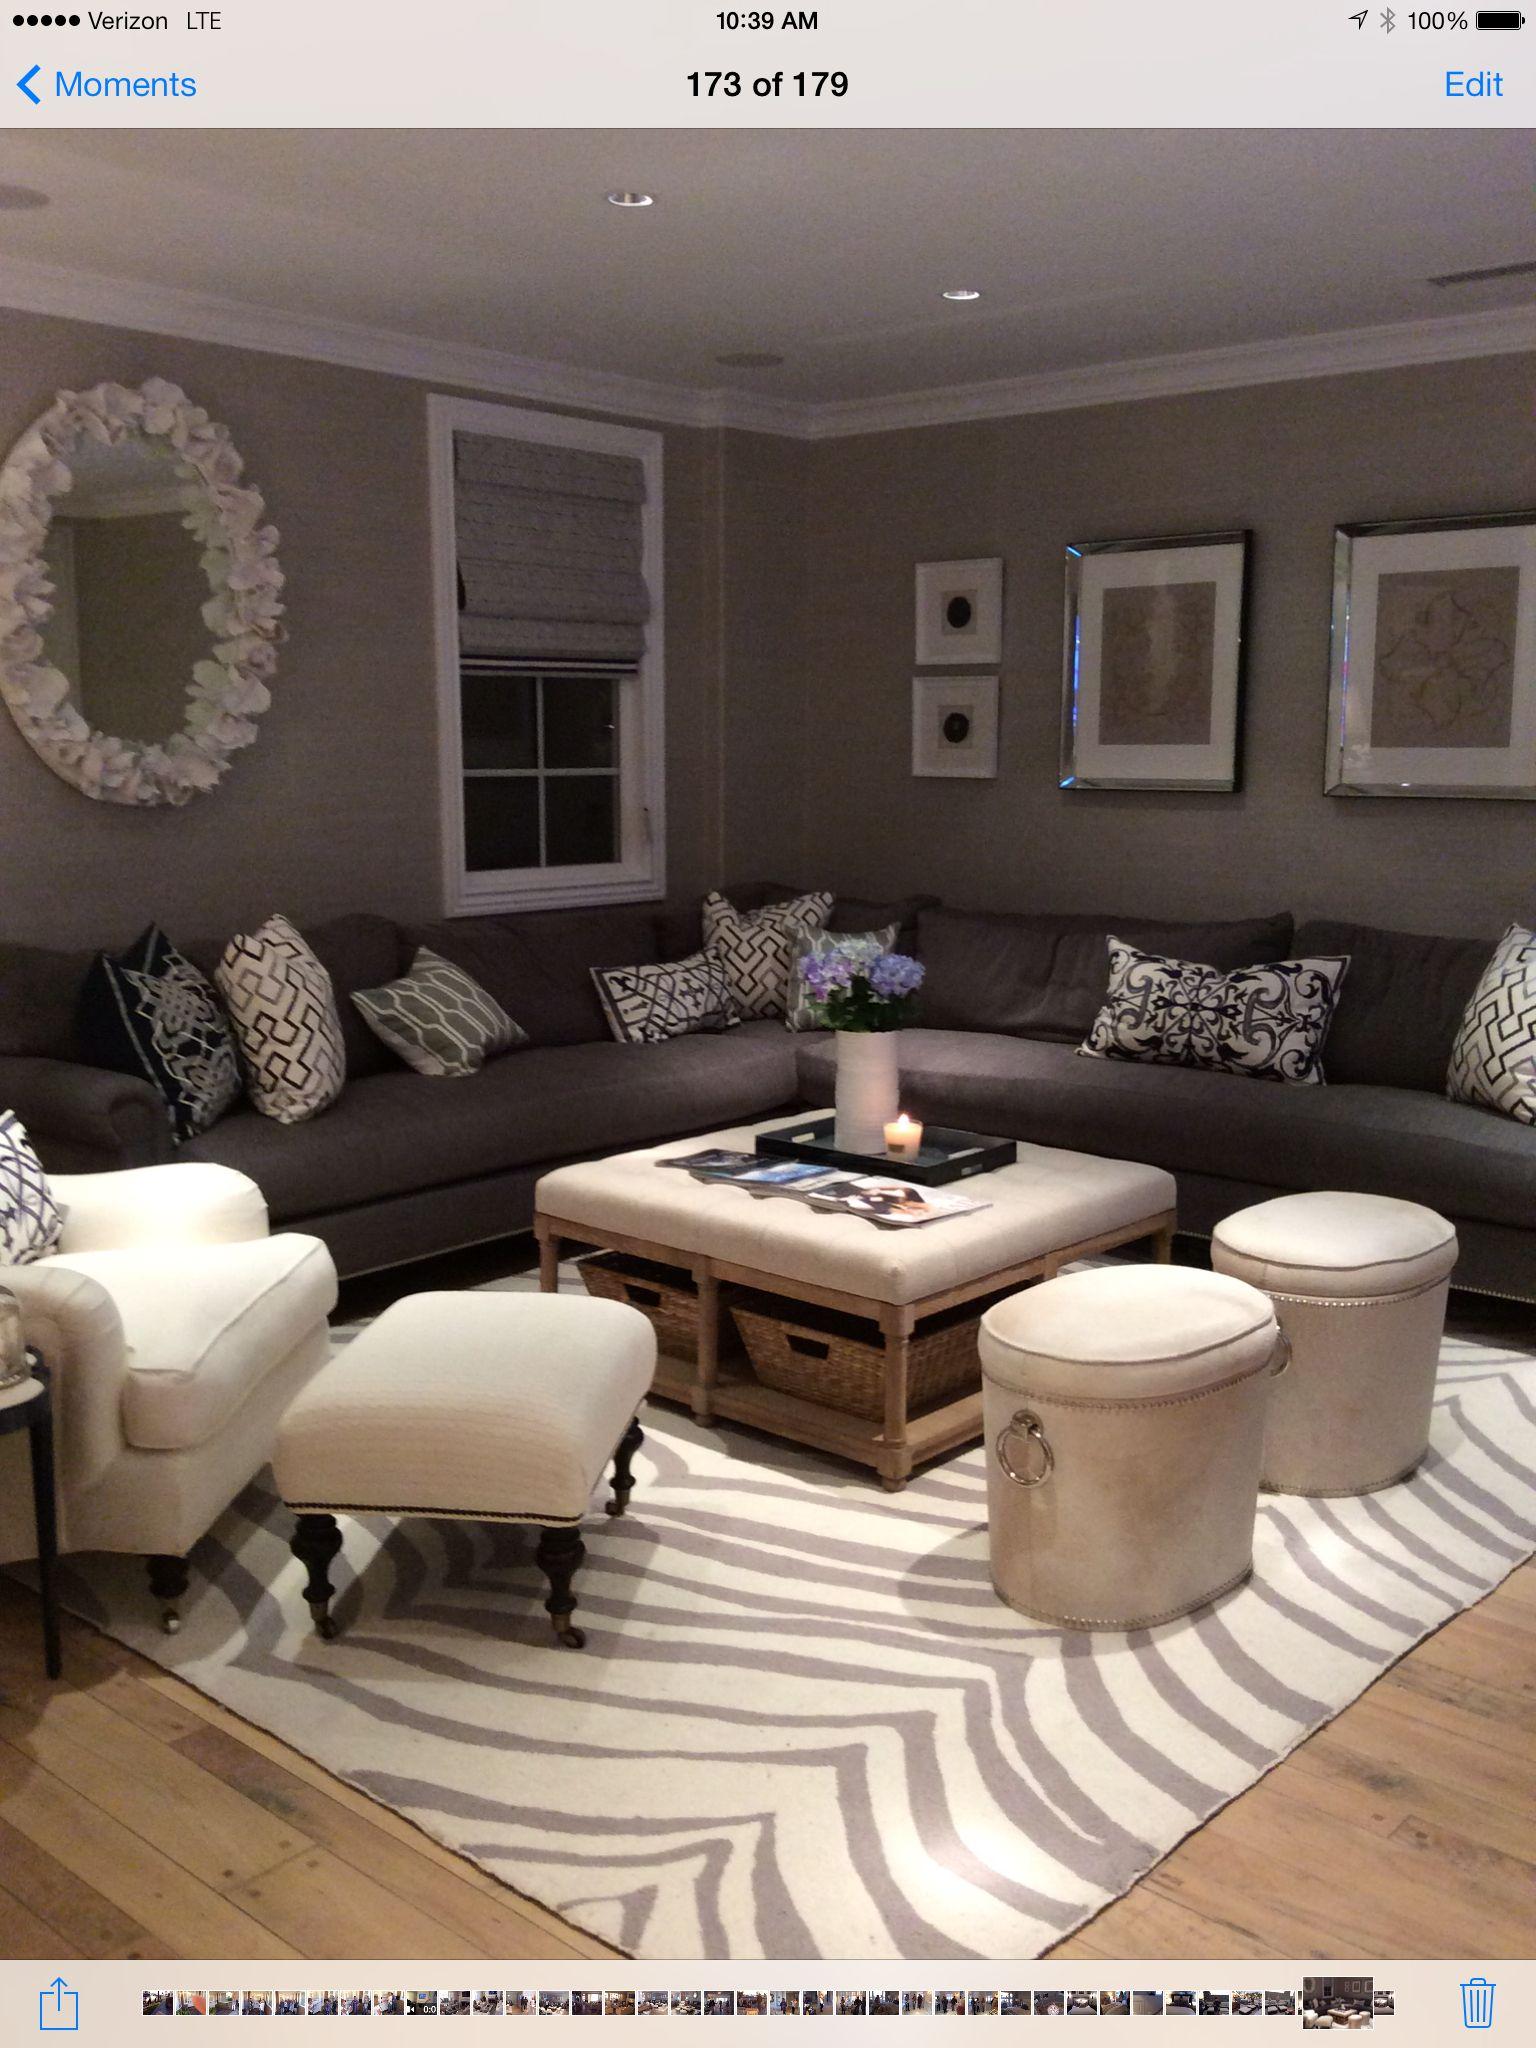 Living Room Set Up Family Room Dtm Interiors Pinterest Ottomans Nail Design